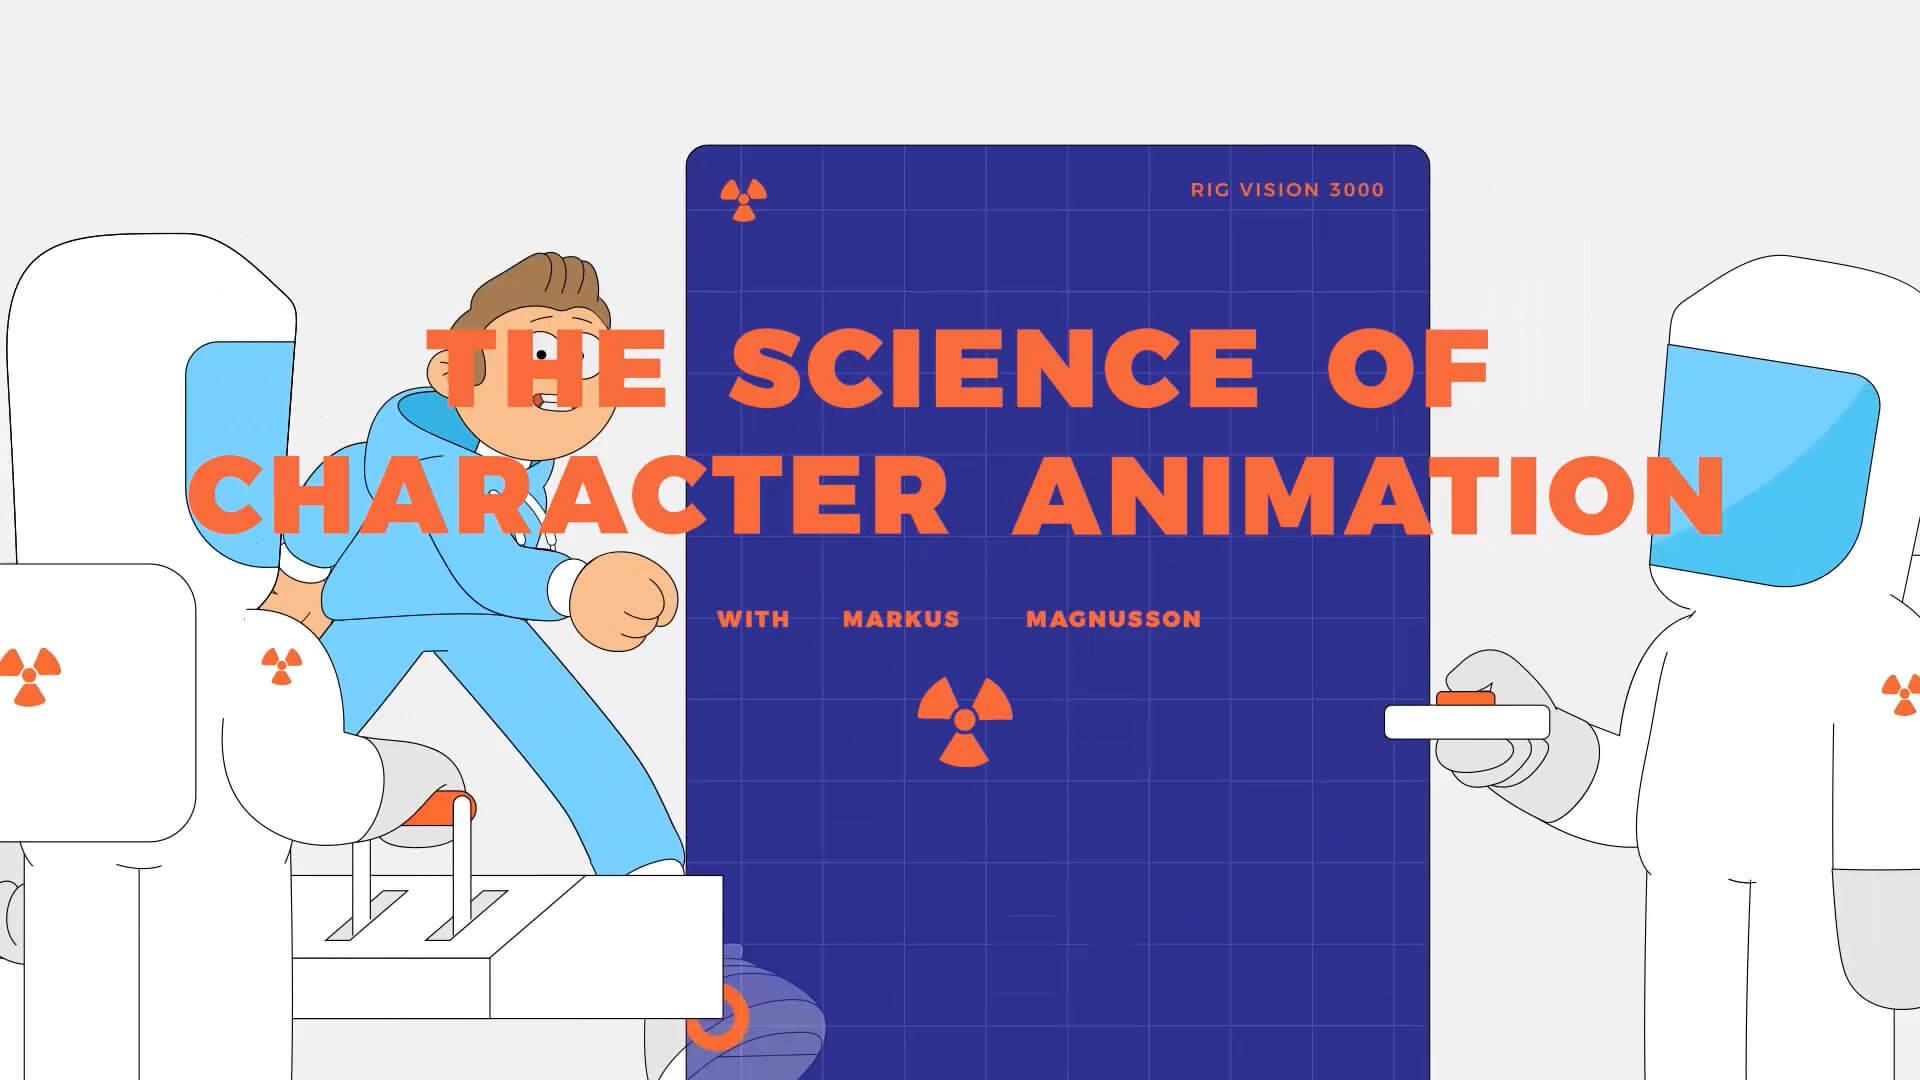 【终身会员专享】AE 角色动画动作设计学习教程 Motion Design School Science of Character Animation